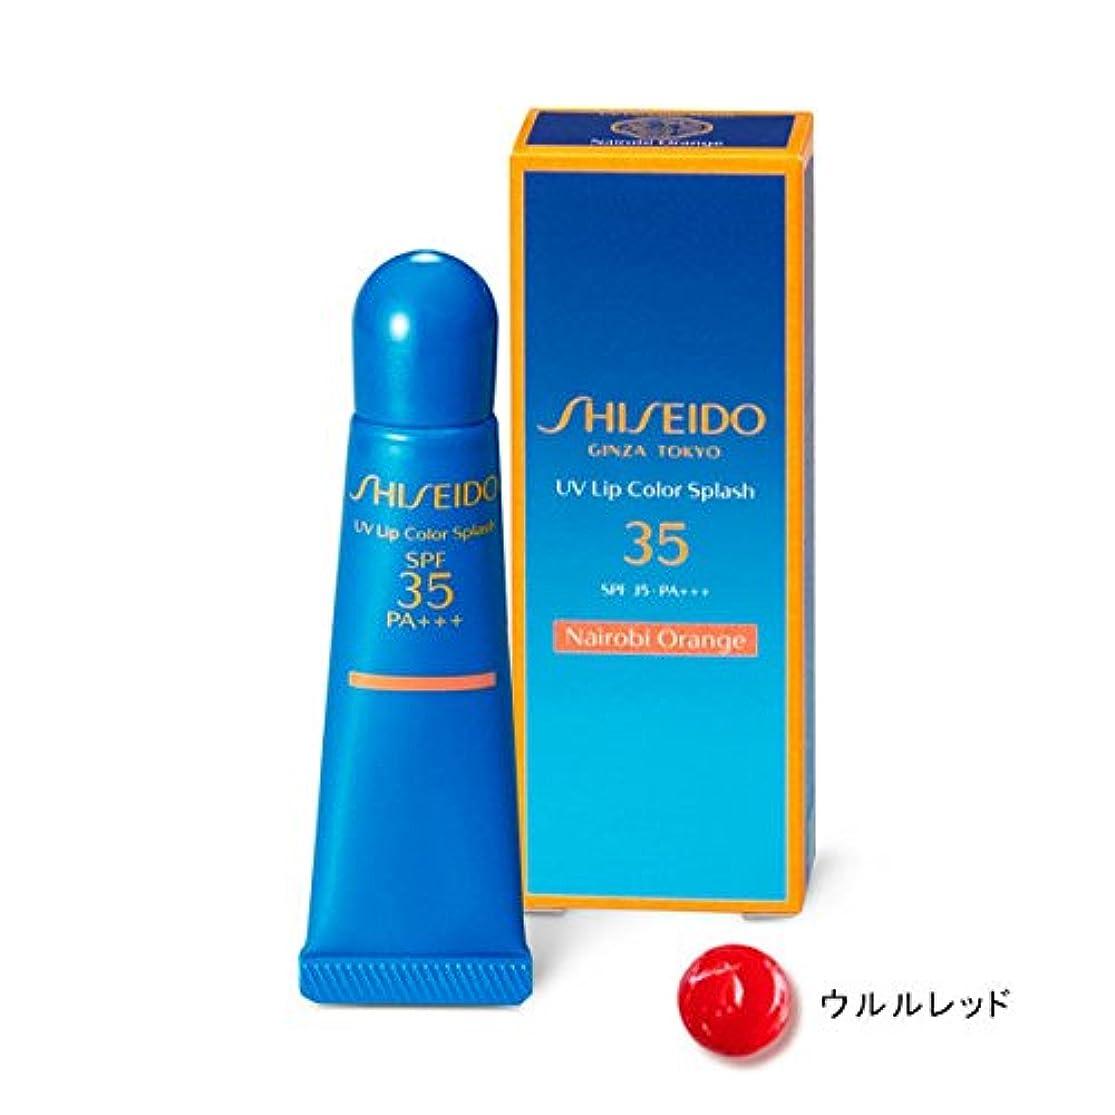 飢え慢性的コモランマSHISEIDO Suncare(資生堂 サンケア) SHISEIDO(資生堂) UVリップカラースプラッシュ (ウルルレッド)